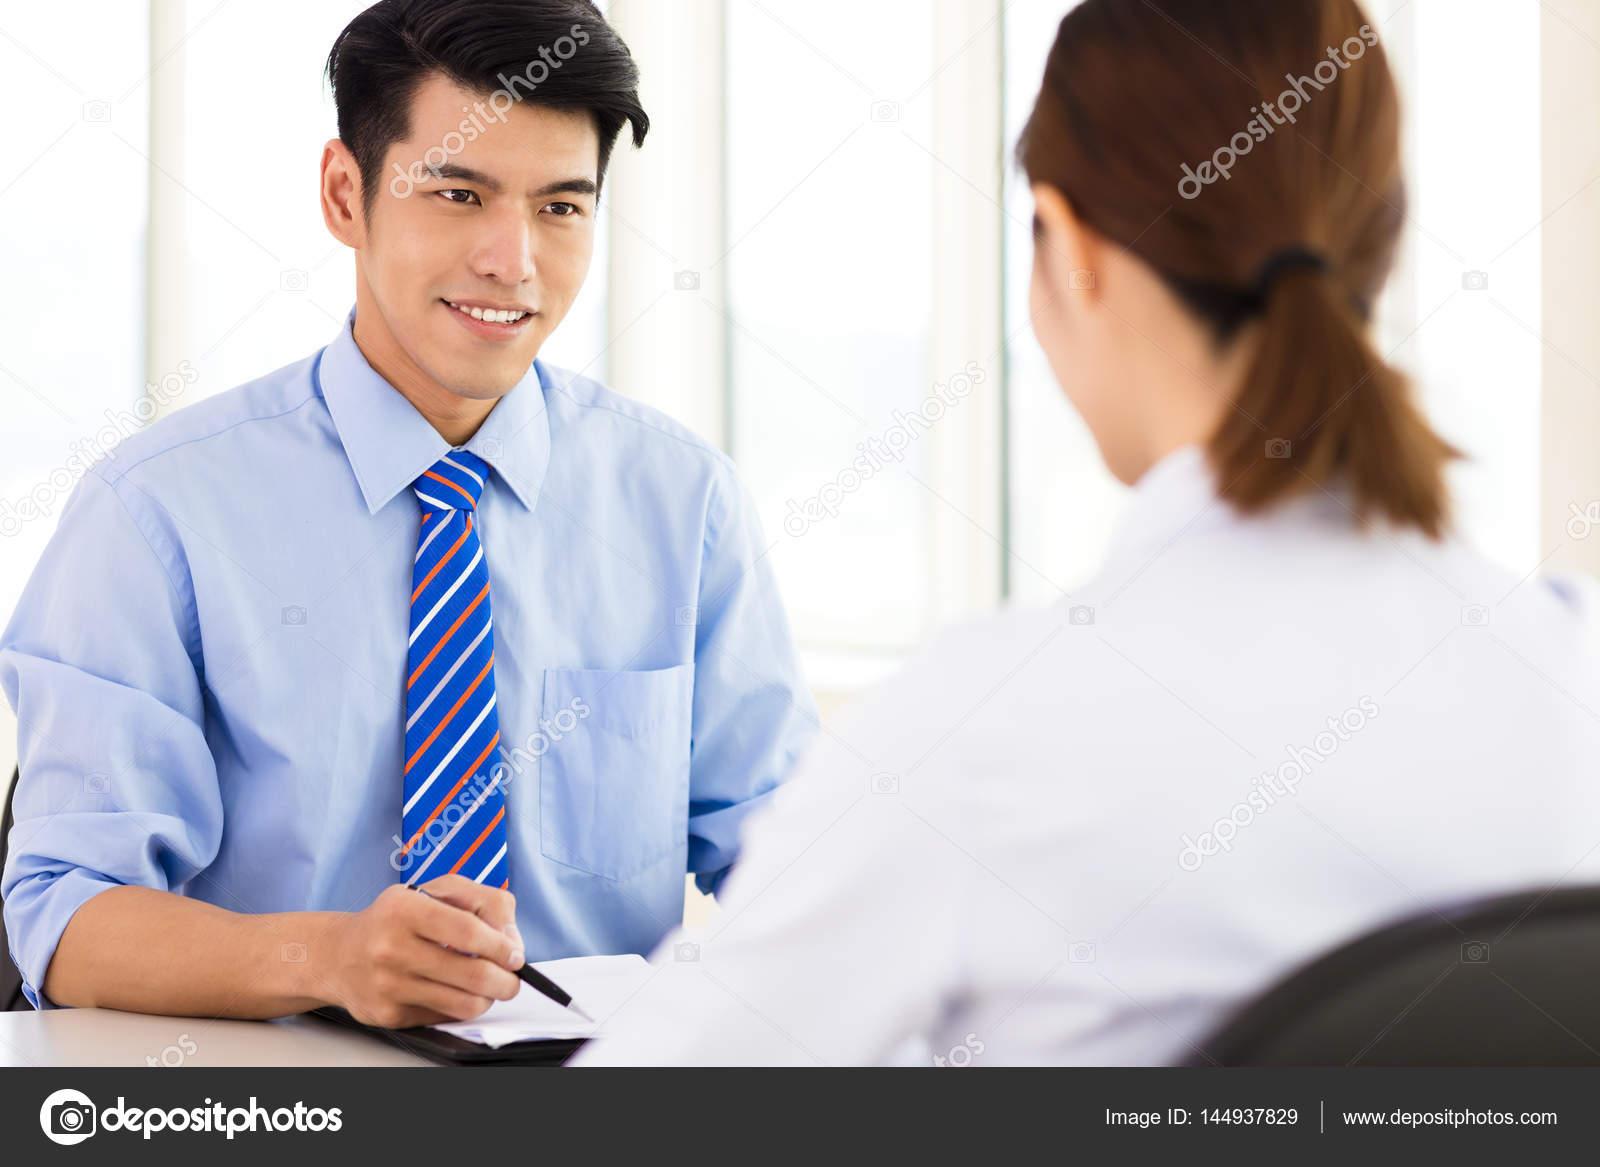 sollicitatiebrief controleren Recruiter controleren de kandidaat tijdens sollicitatiegesprek  sollicitatiebrief controleren